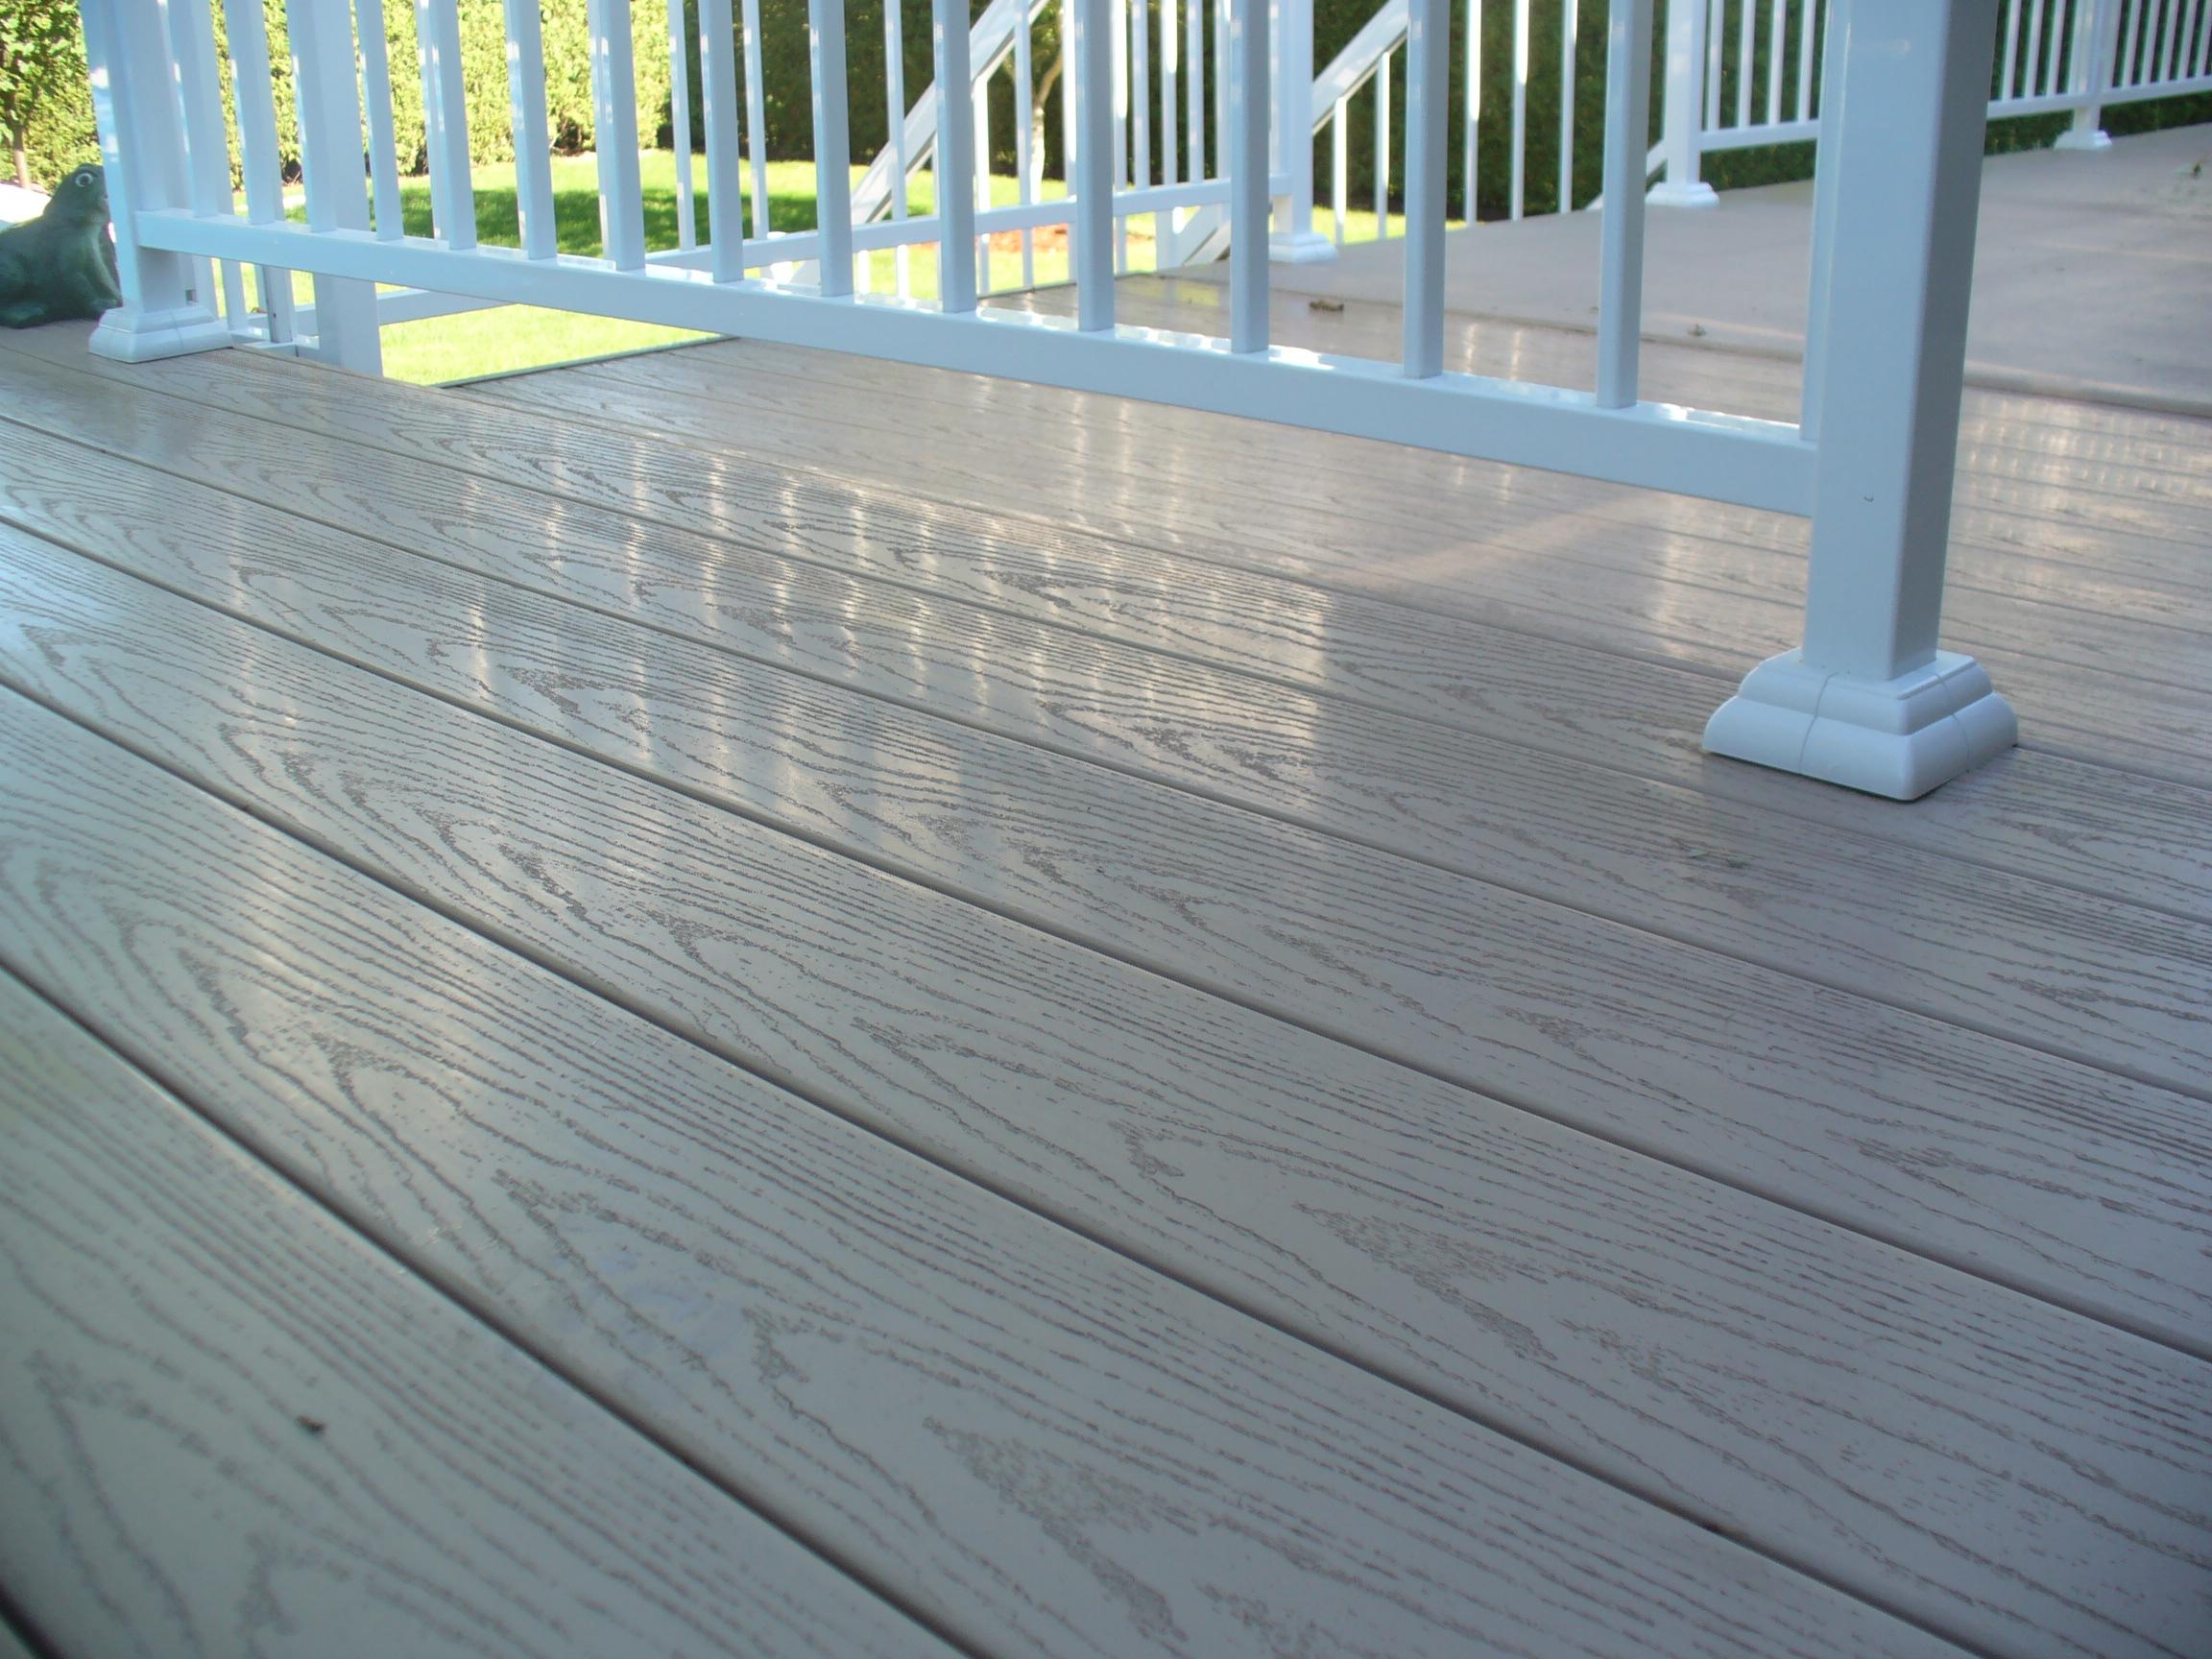 Planches de balcon et accessoires en PVC couleur Bois d'épave